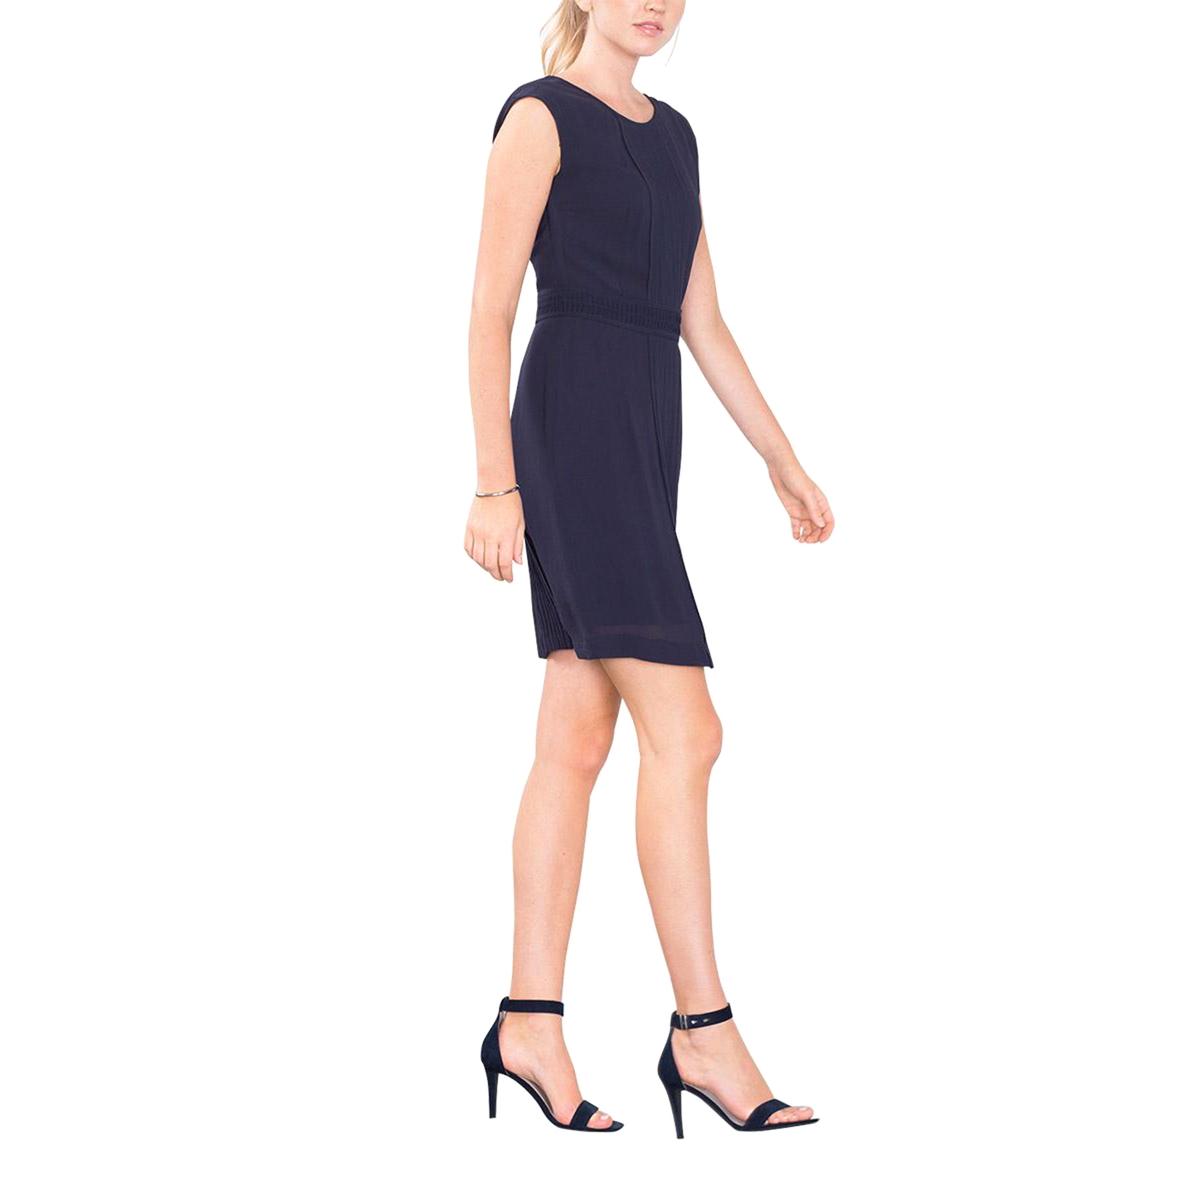 Платье из крепа со складкамиСостав и описаниеМатериал : креп из 100% полиэстера.Марка : EspritУходСледуйте инструкции по уходу на этикетке<br><br>Цвет: темно-синий<br>Размер: 36 (FR) - 42 (RUS).38 (FR) - 44 (RUS)